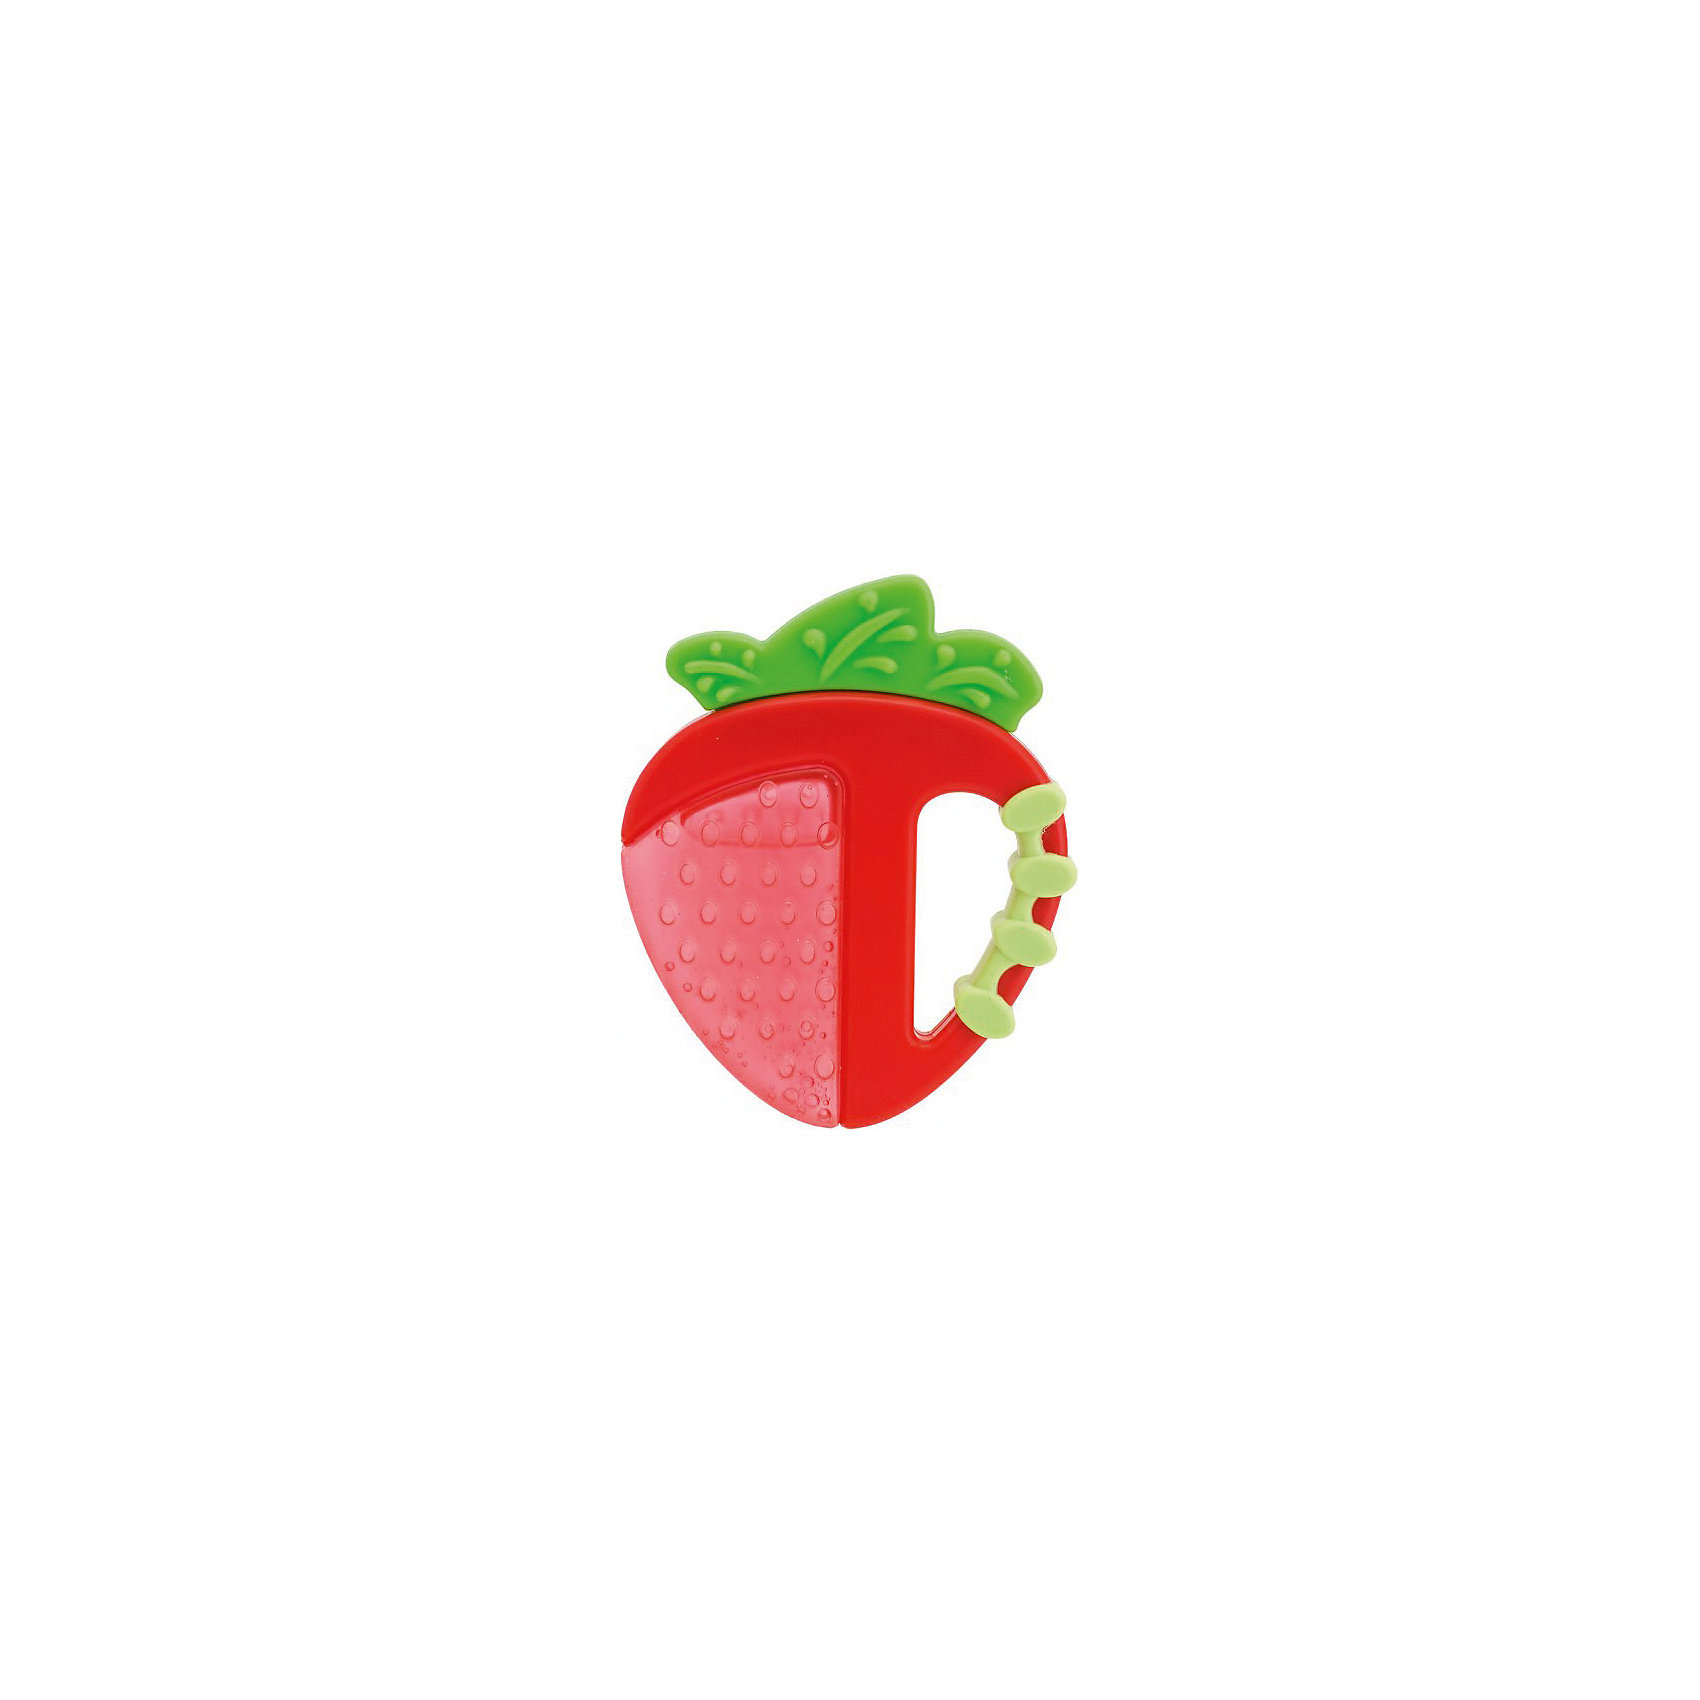 Прорезыватель-игрушка Fresh Relax Фрукты 4мес.+,CHICCO, КлубничкаПрорезыватели<br>Прорезыватель-игрушка Fresh Relax Фрукты,Клубничка,4мес.+  <br><br>Прорезыватель с охлаждающим эффектом - просто необходим каждому малышу! Он разработан специально для стимулирования десен и устранения болезненных ощущений во время прорезывания самых первых зубок. В клубничке находится вода, она остается холодным в течении долгого времени и способствует устранению болевых ощущений.<br><br>Дополнительная информация:<br><br>- Возраст: с 4 месяцев.<br>- Цвет: красный.<br>- Форма клубнички.<br>- Материал: силикон, пластик вода.<br>- Размер: 21x11x2 см.<br><br>Купить прорезыватель-игрушку Fresh Relax Фрукты, можно в нашем магазине.<br><br>Ширина мм: 145<br>Глубина мм: 119<br>Высота мм: 20<br>Вес г: 41<br>Возраст от месяцев: 4<br>Возраст до месяцев: 18<br>Пол: Унисекс<br>Возраст: Детский<br>SKU: 4944274